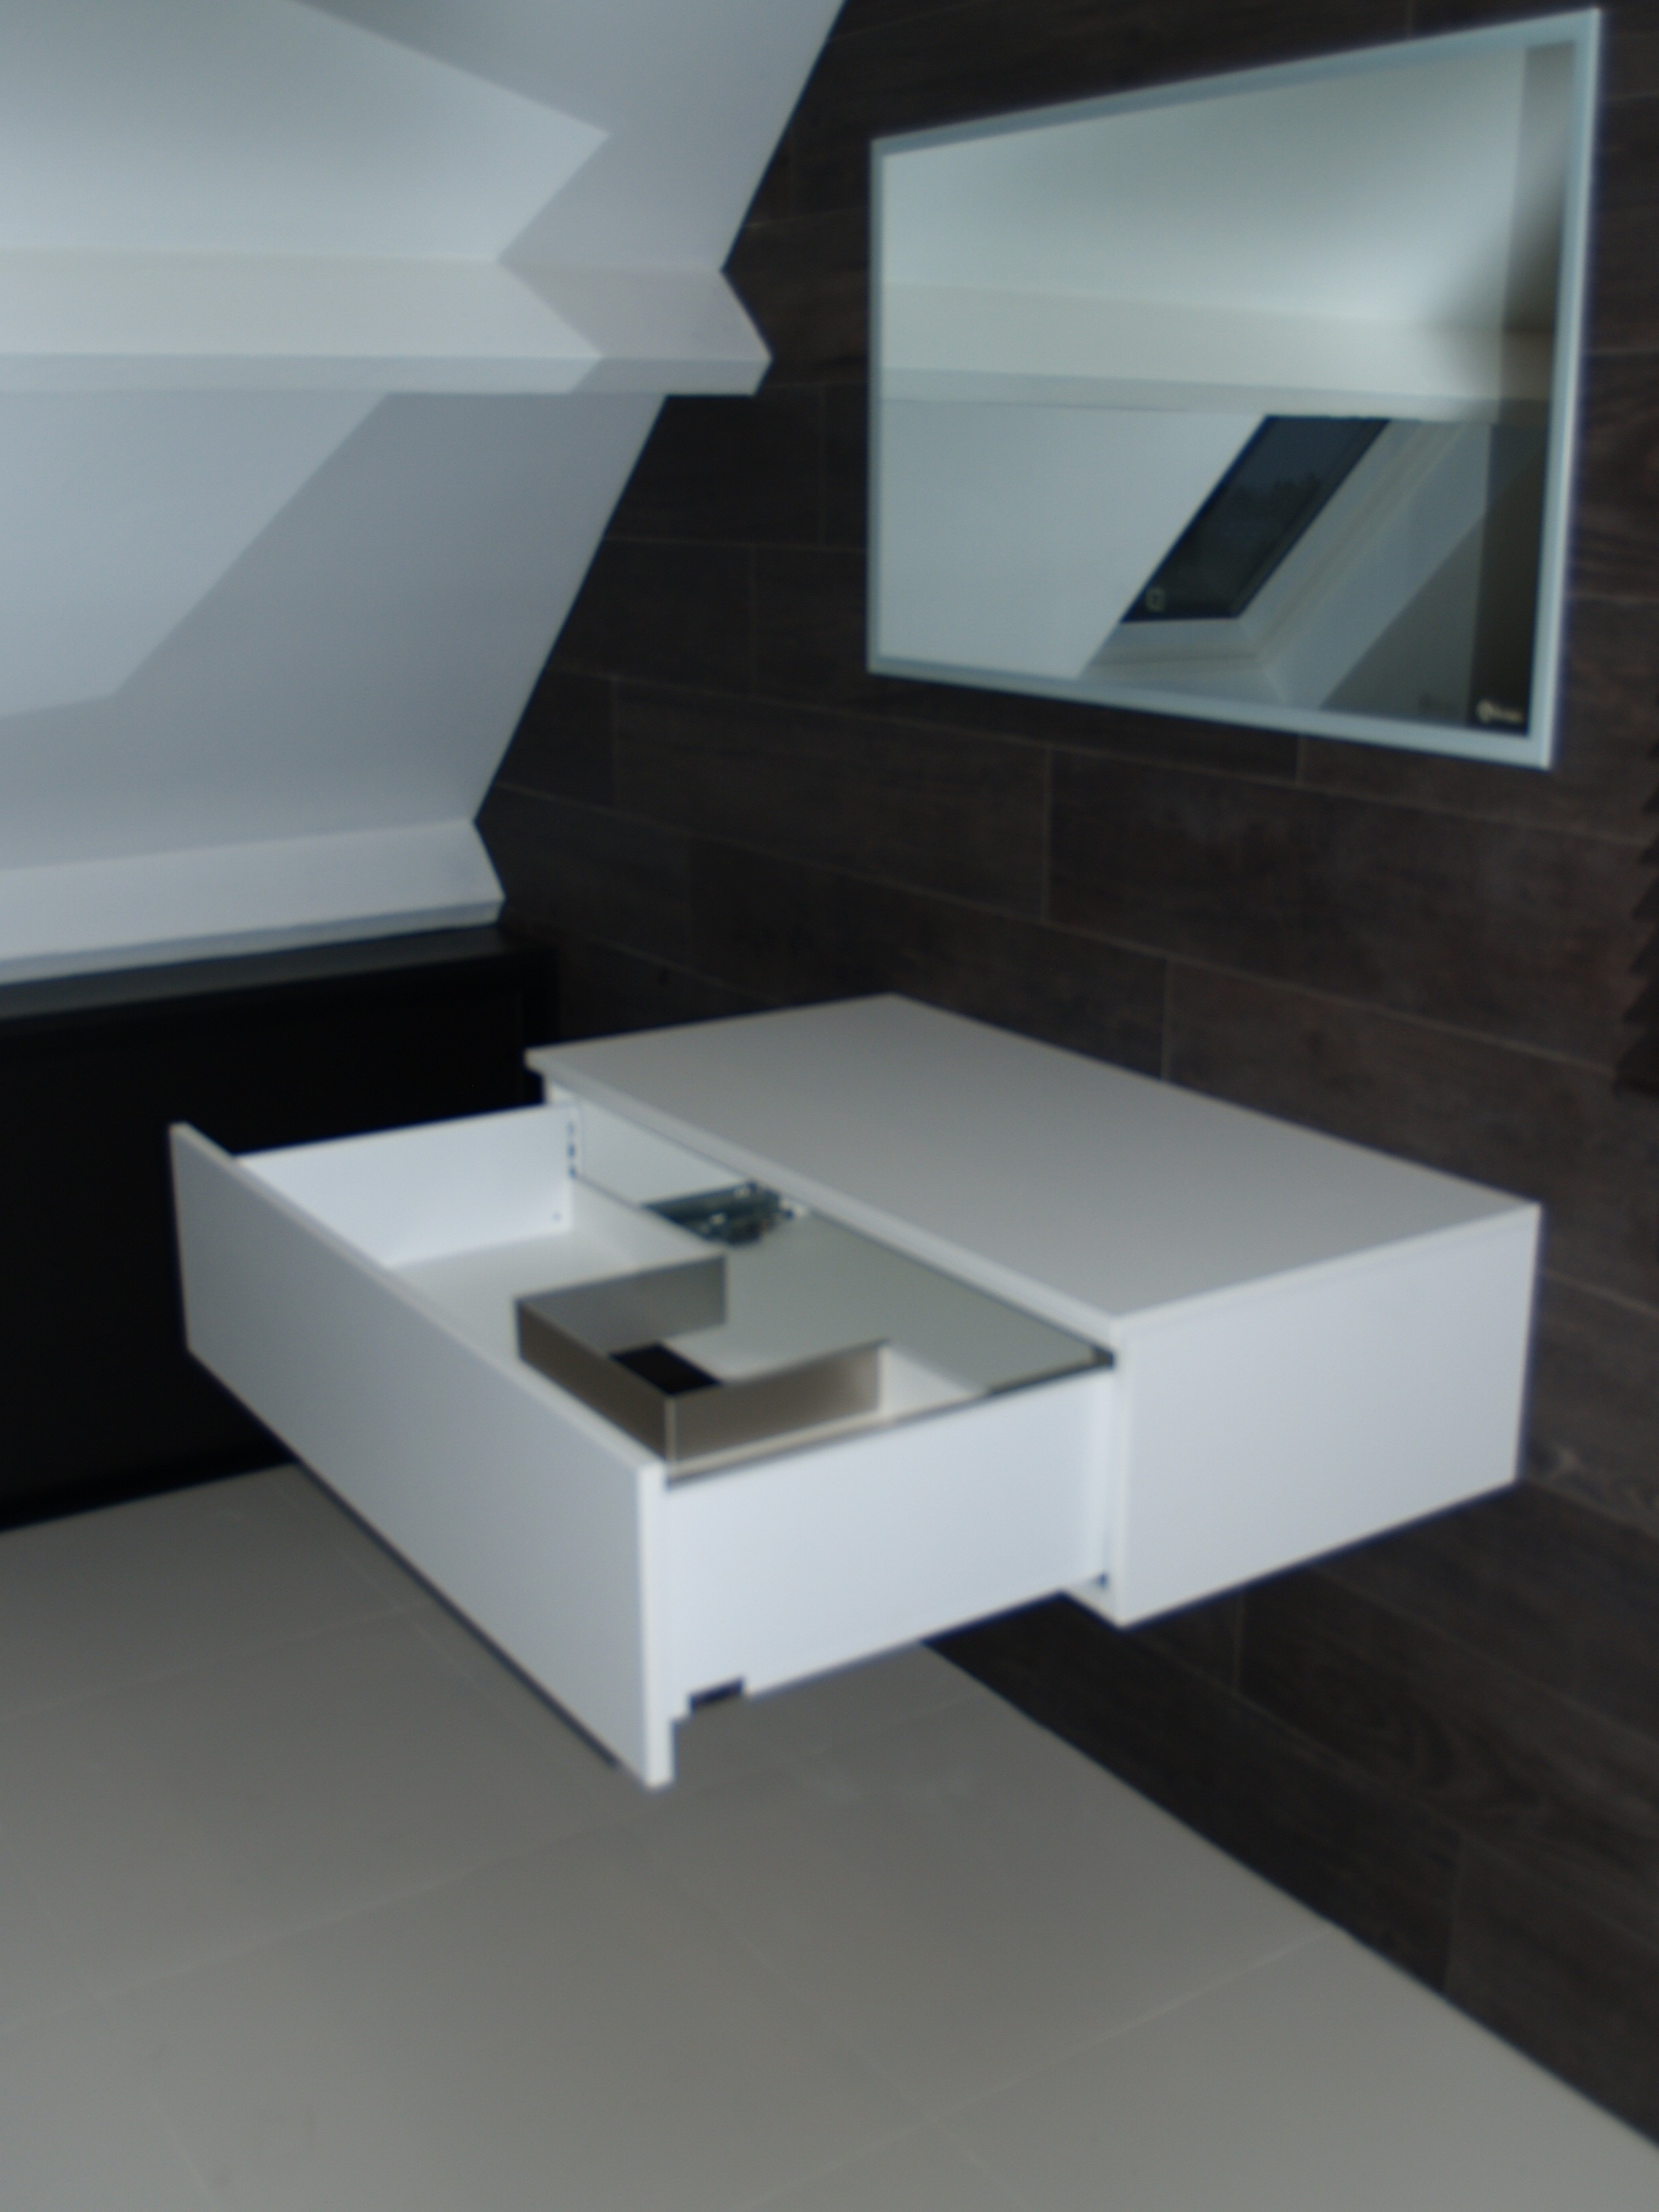 cacher arriere meuble image idmarket meuble wc tagre bois gain de place pour toilette portes. Black Bedroom Furniture Sets. Home Design Ideas